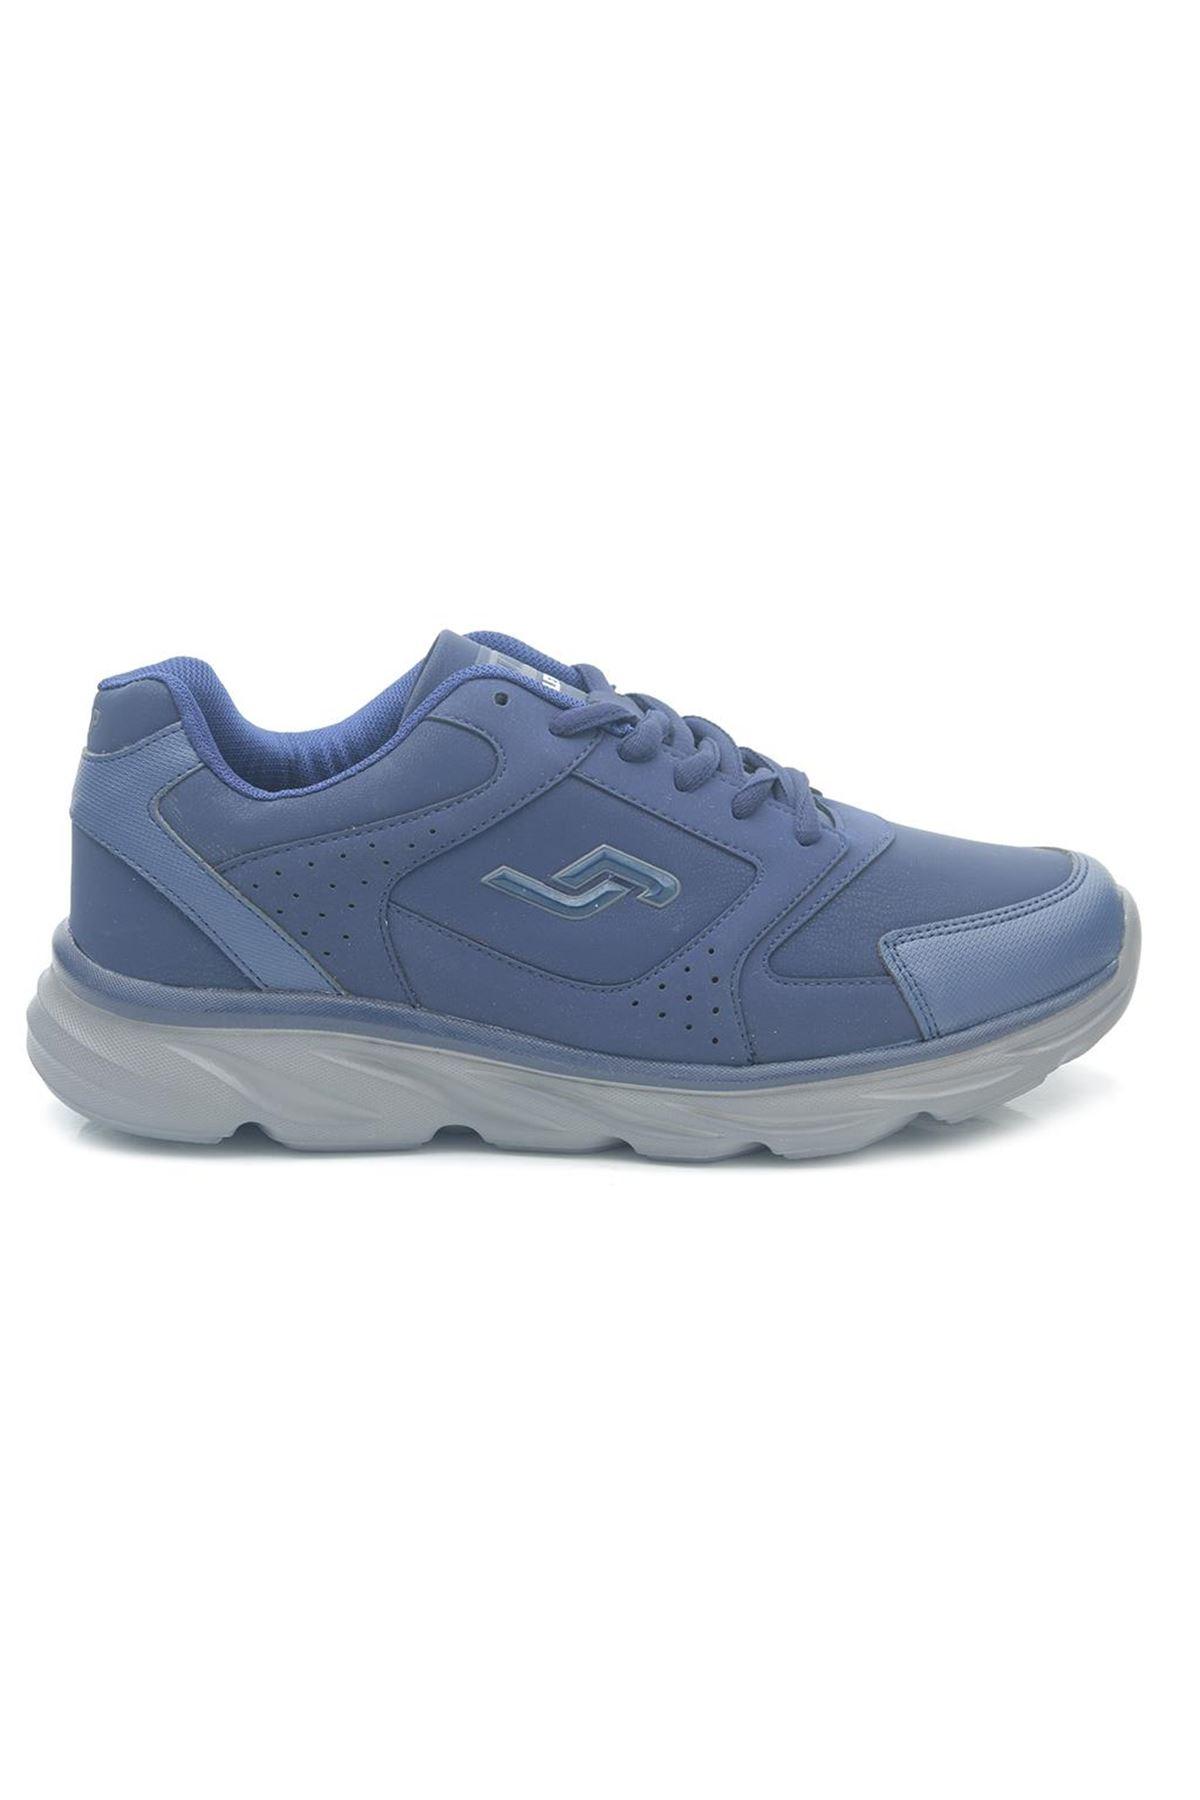 Jump Comfort Günlük Erkek Spor Ayakkabı